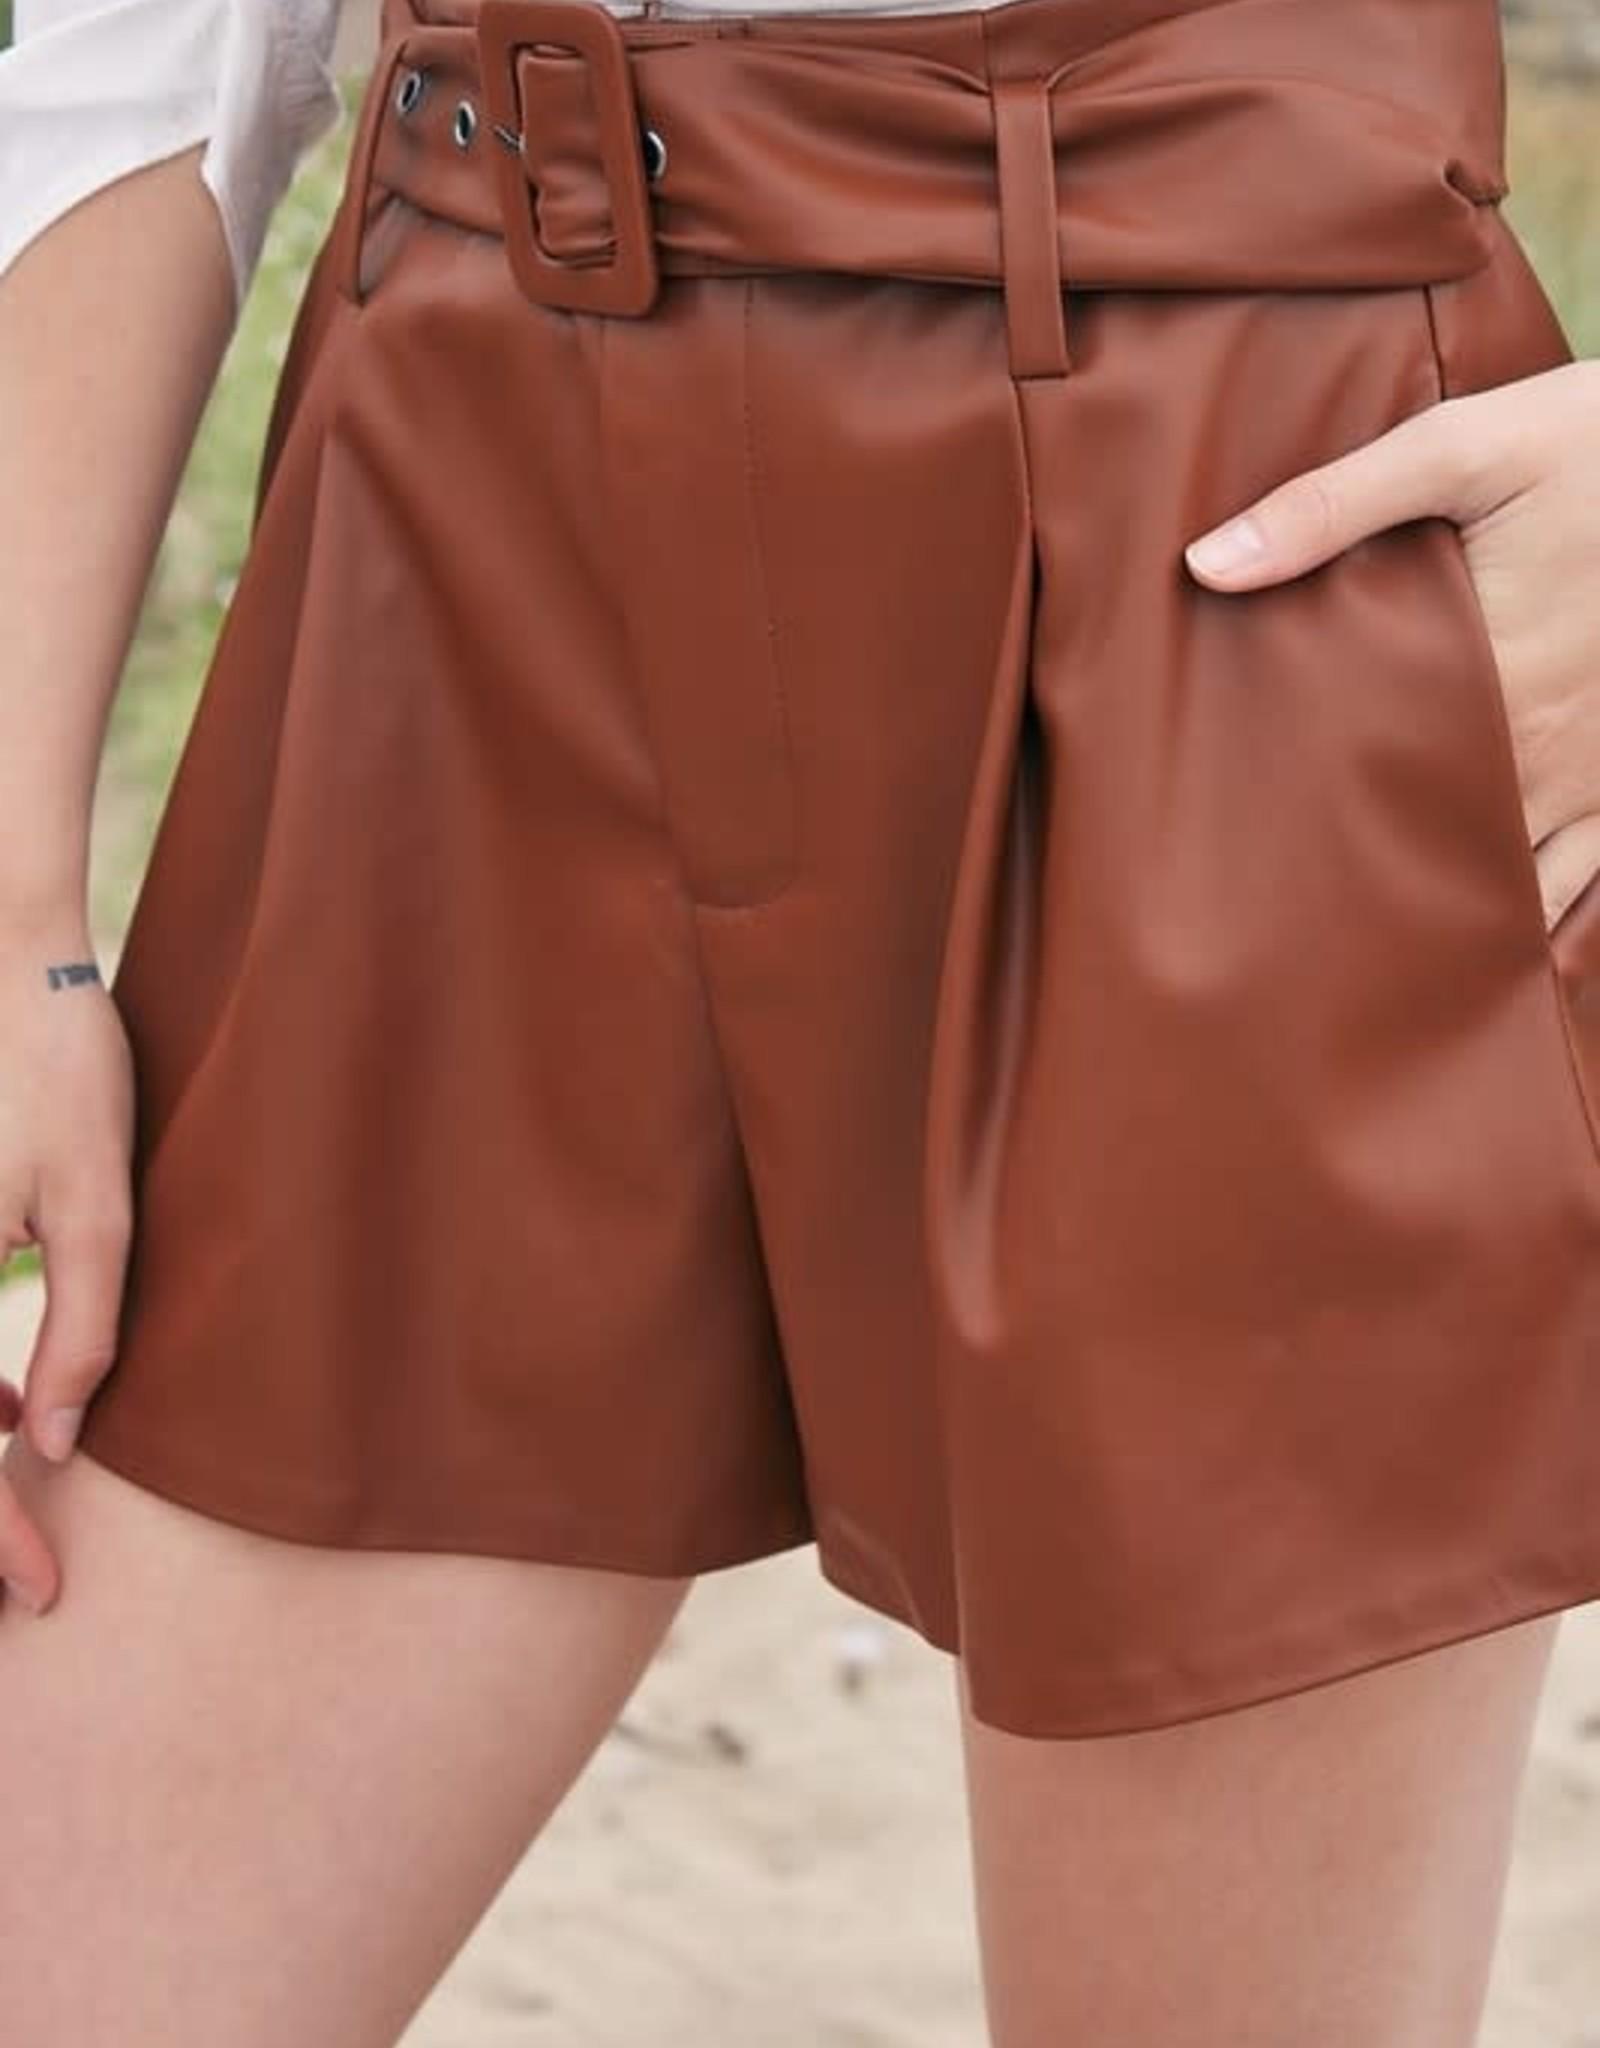 Wayward Leather Shorts